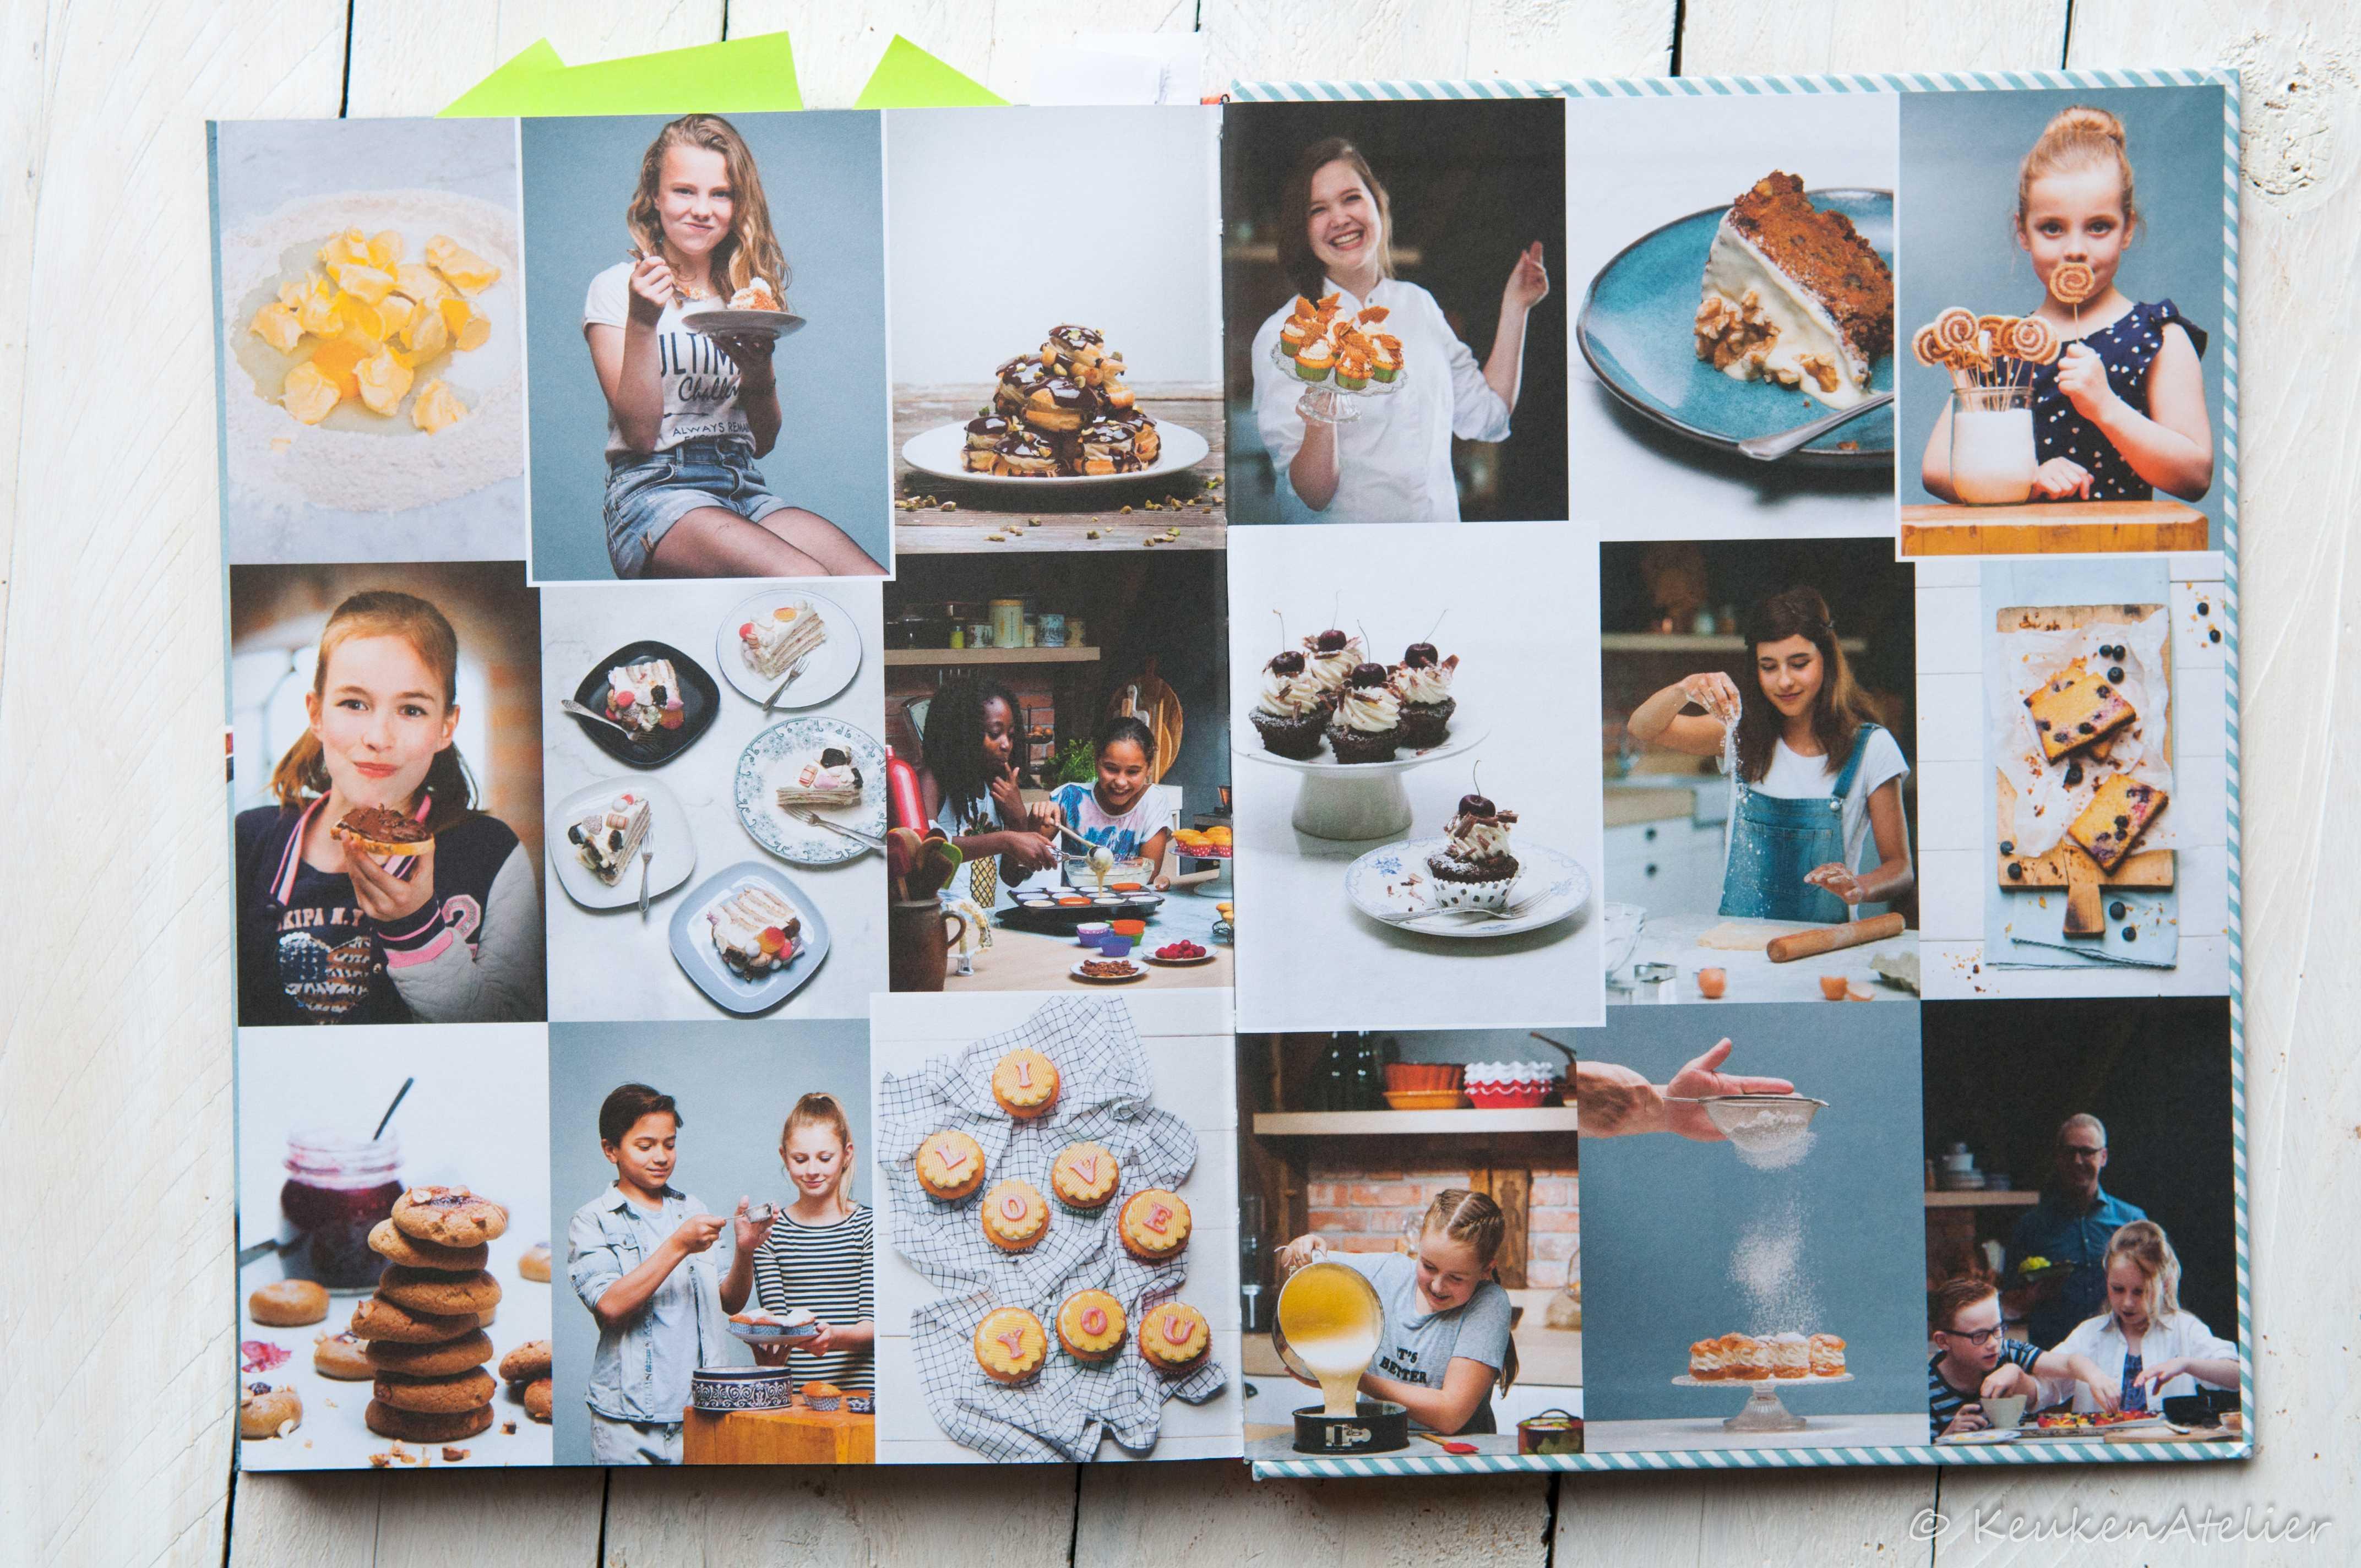 boek-rudolph-fotos-2